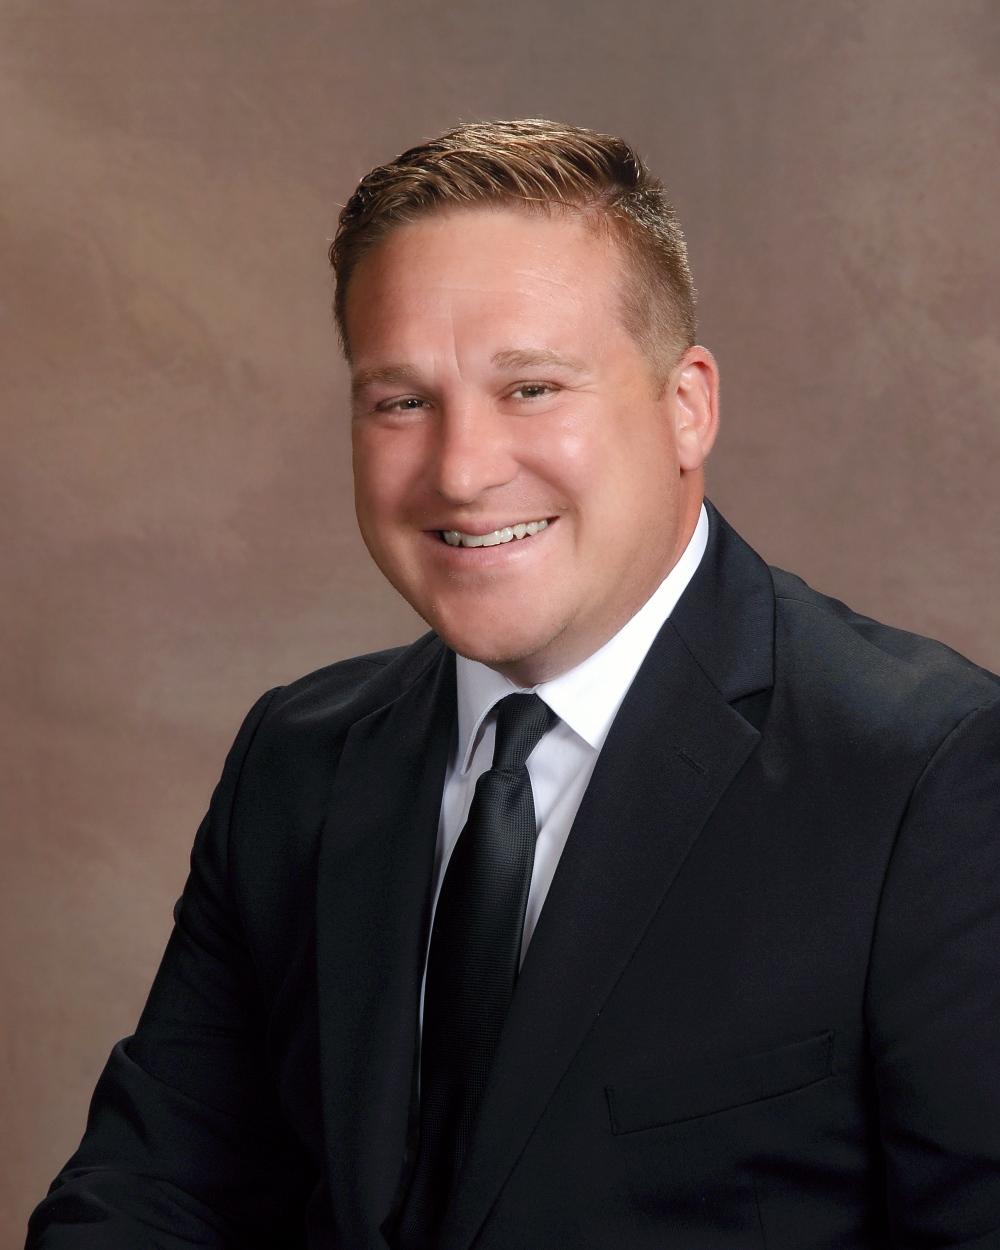 Pastor - Kevin Buzzard